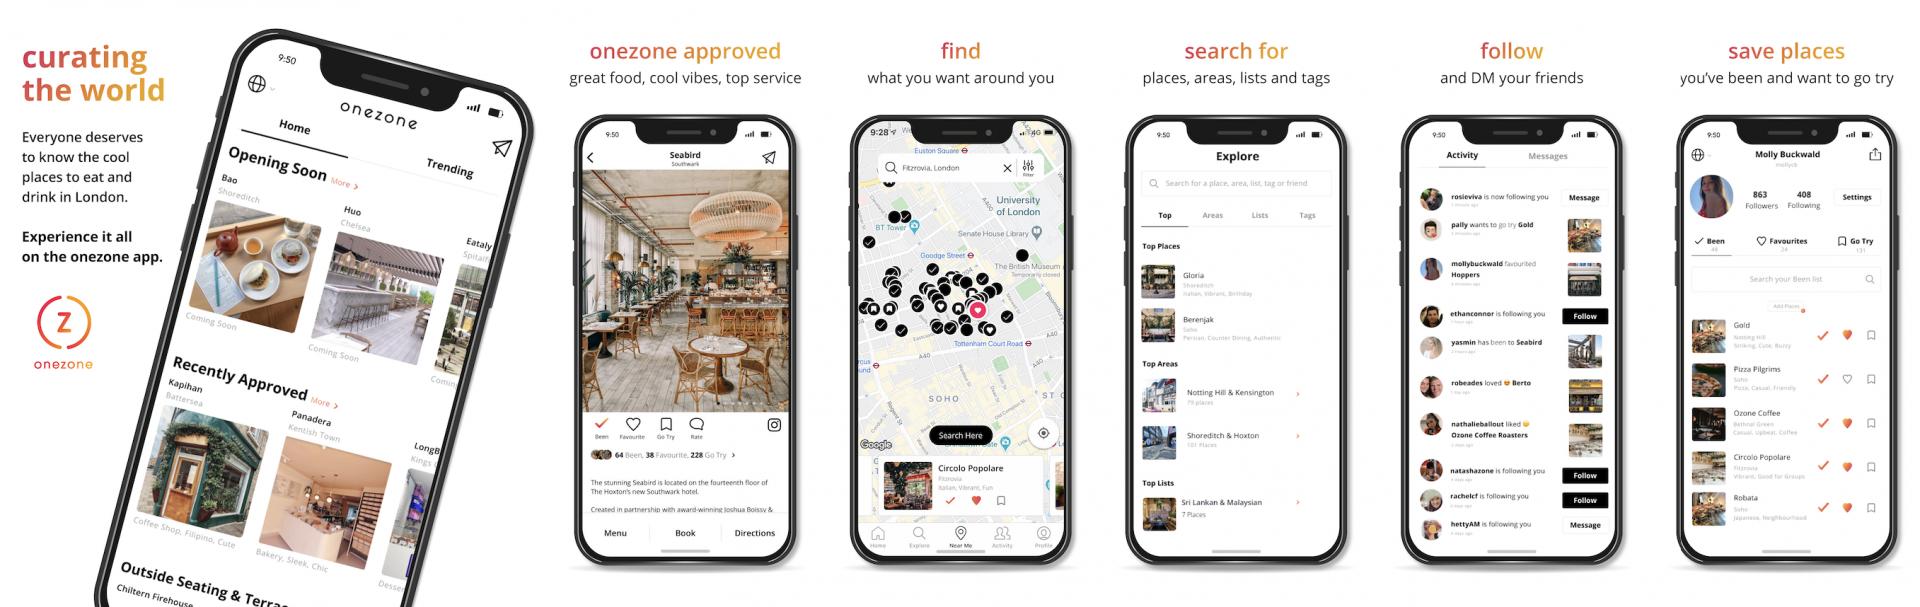 onezone app